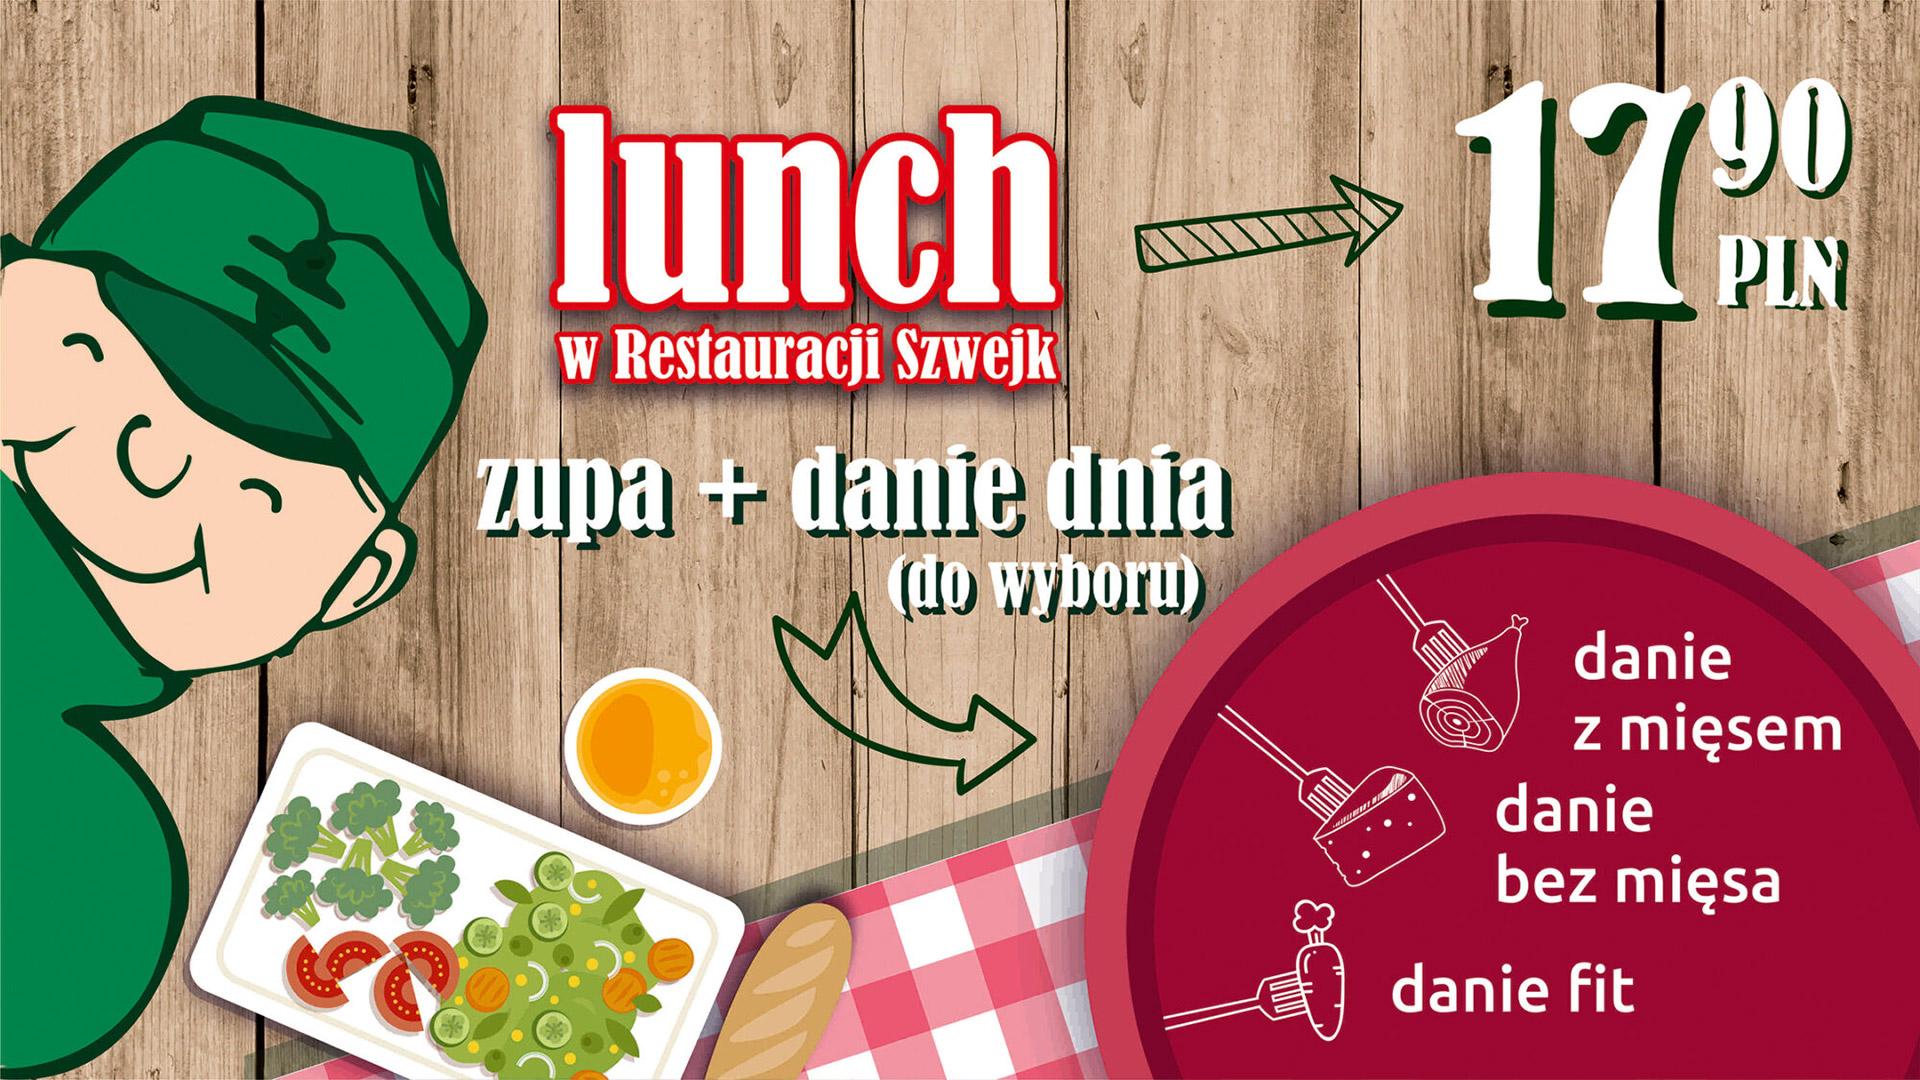 oferta-lunch_slider-index